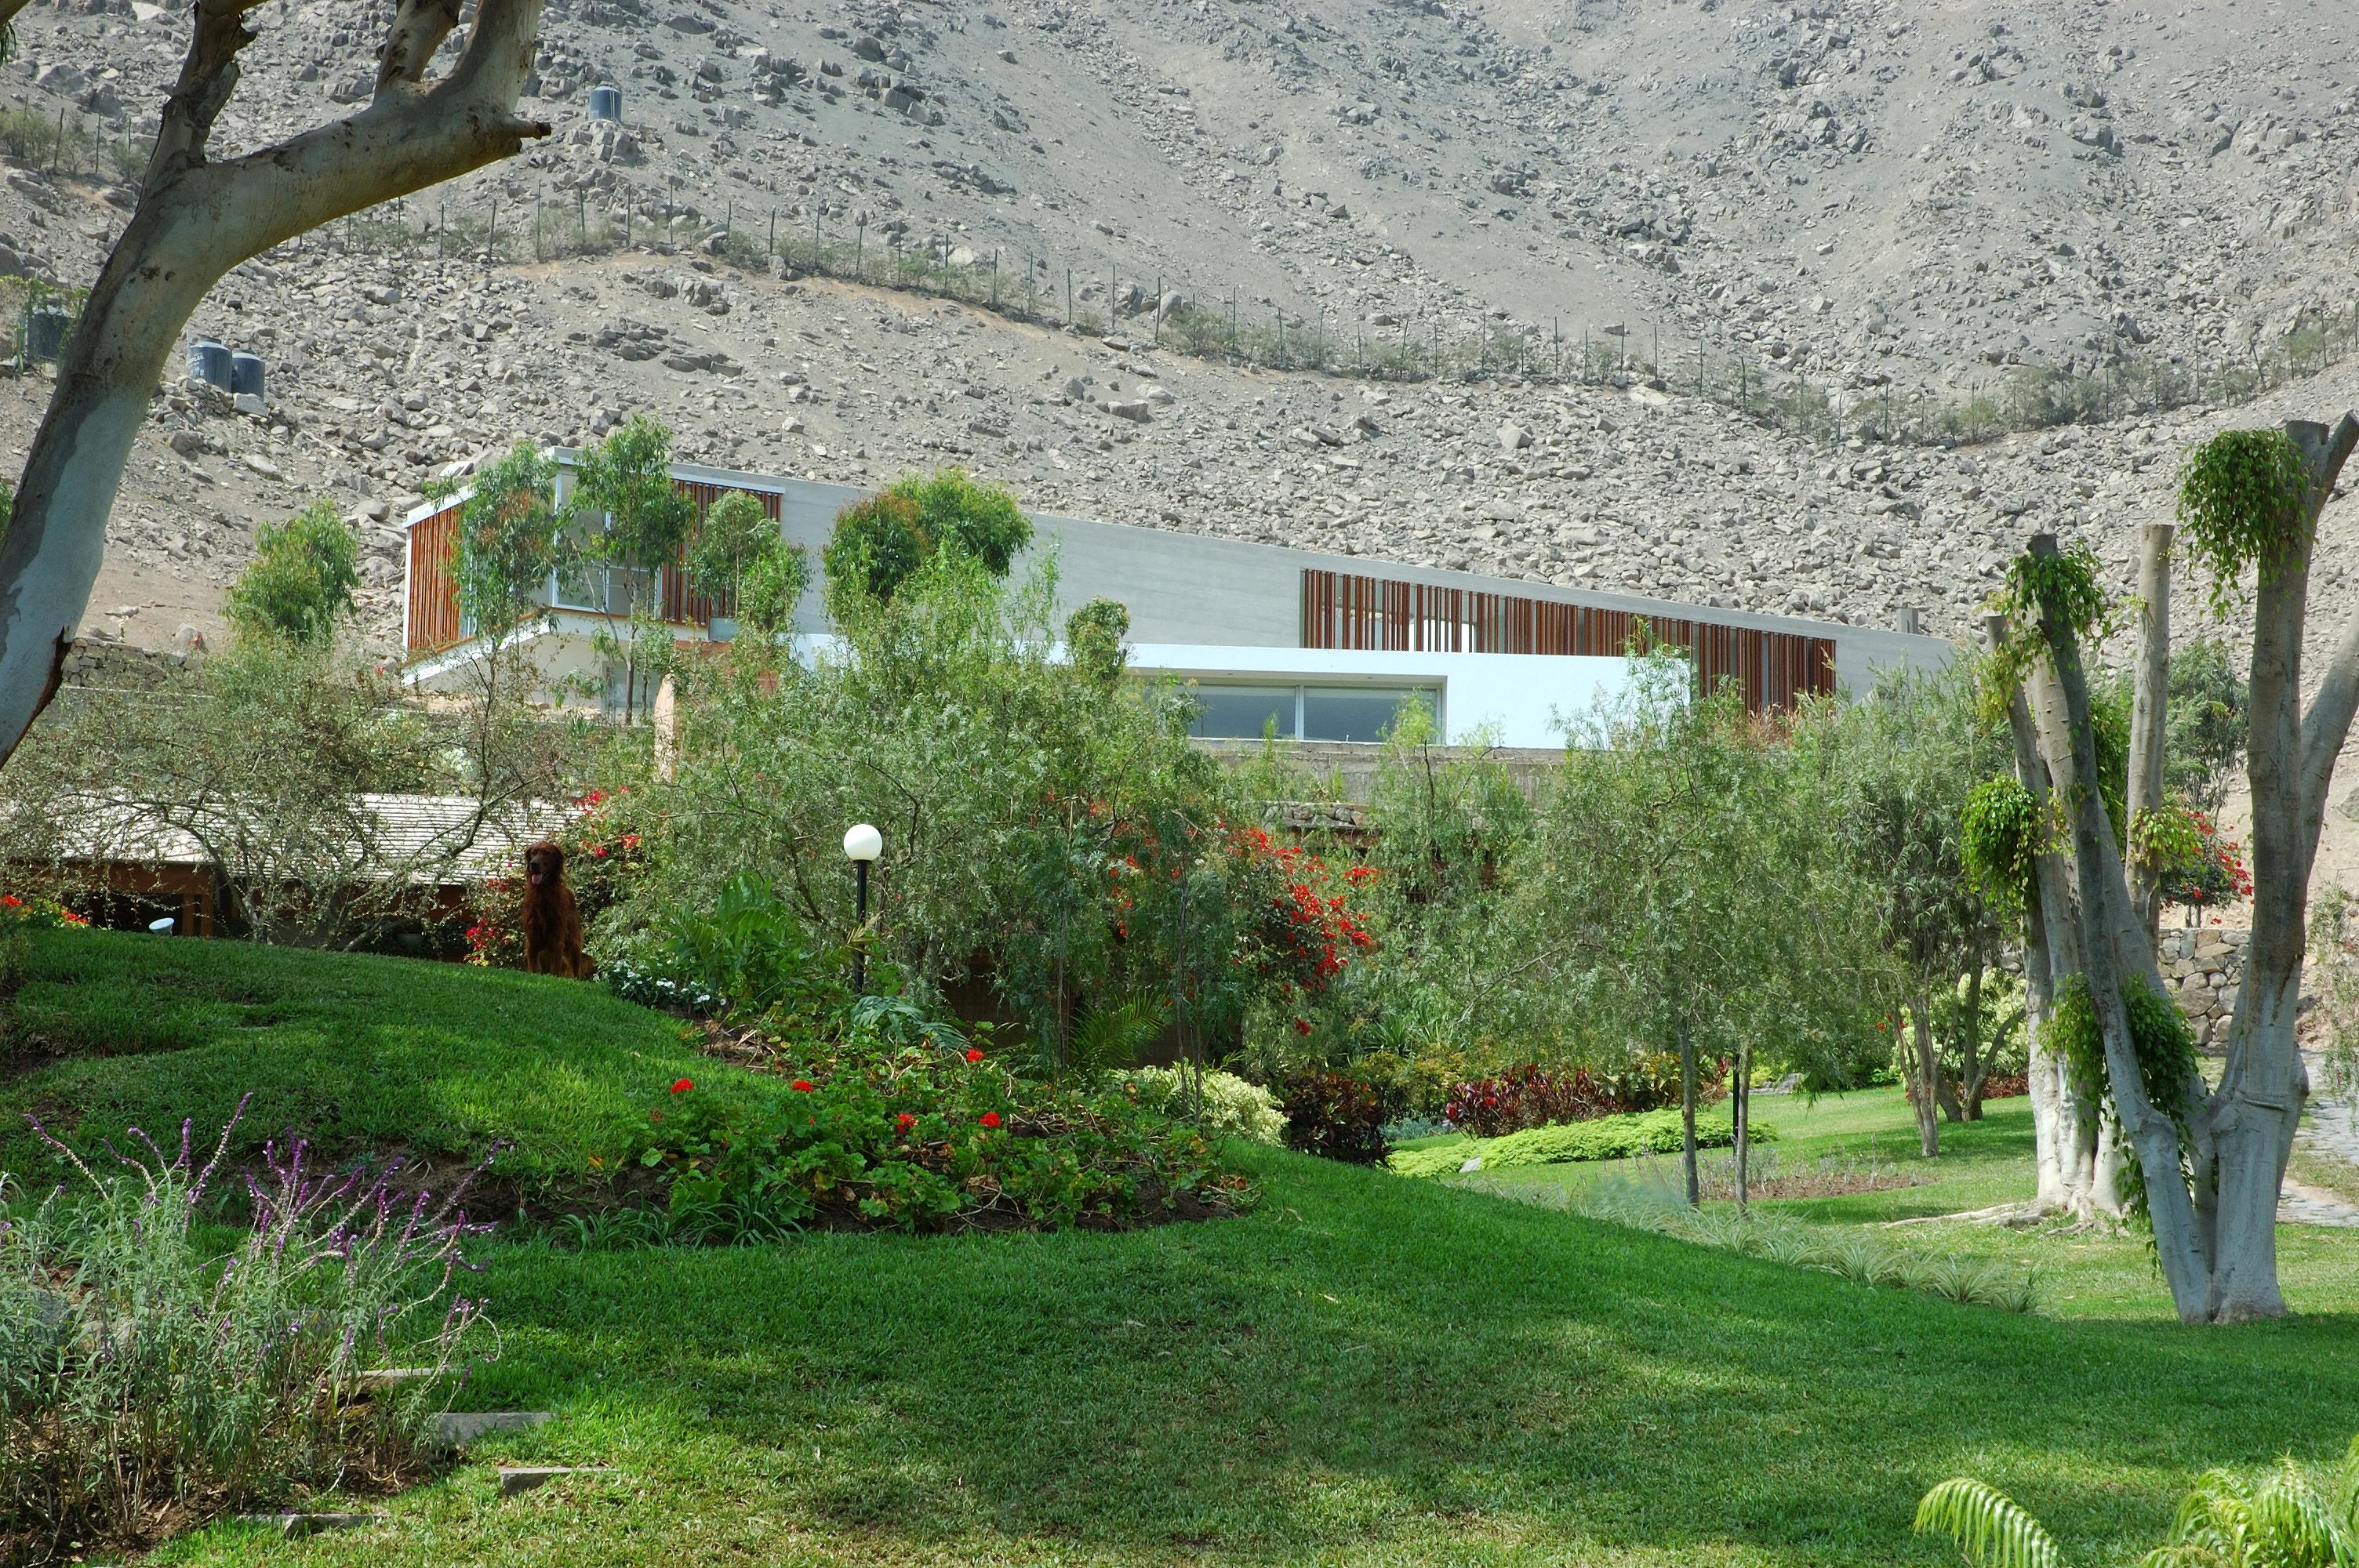 Casa VLL / Llosa Cortegana arquitectos, © Cortesia LLOSA CORTEGANA arquitectos